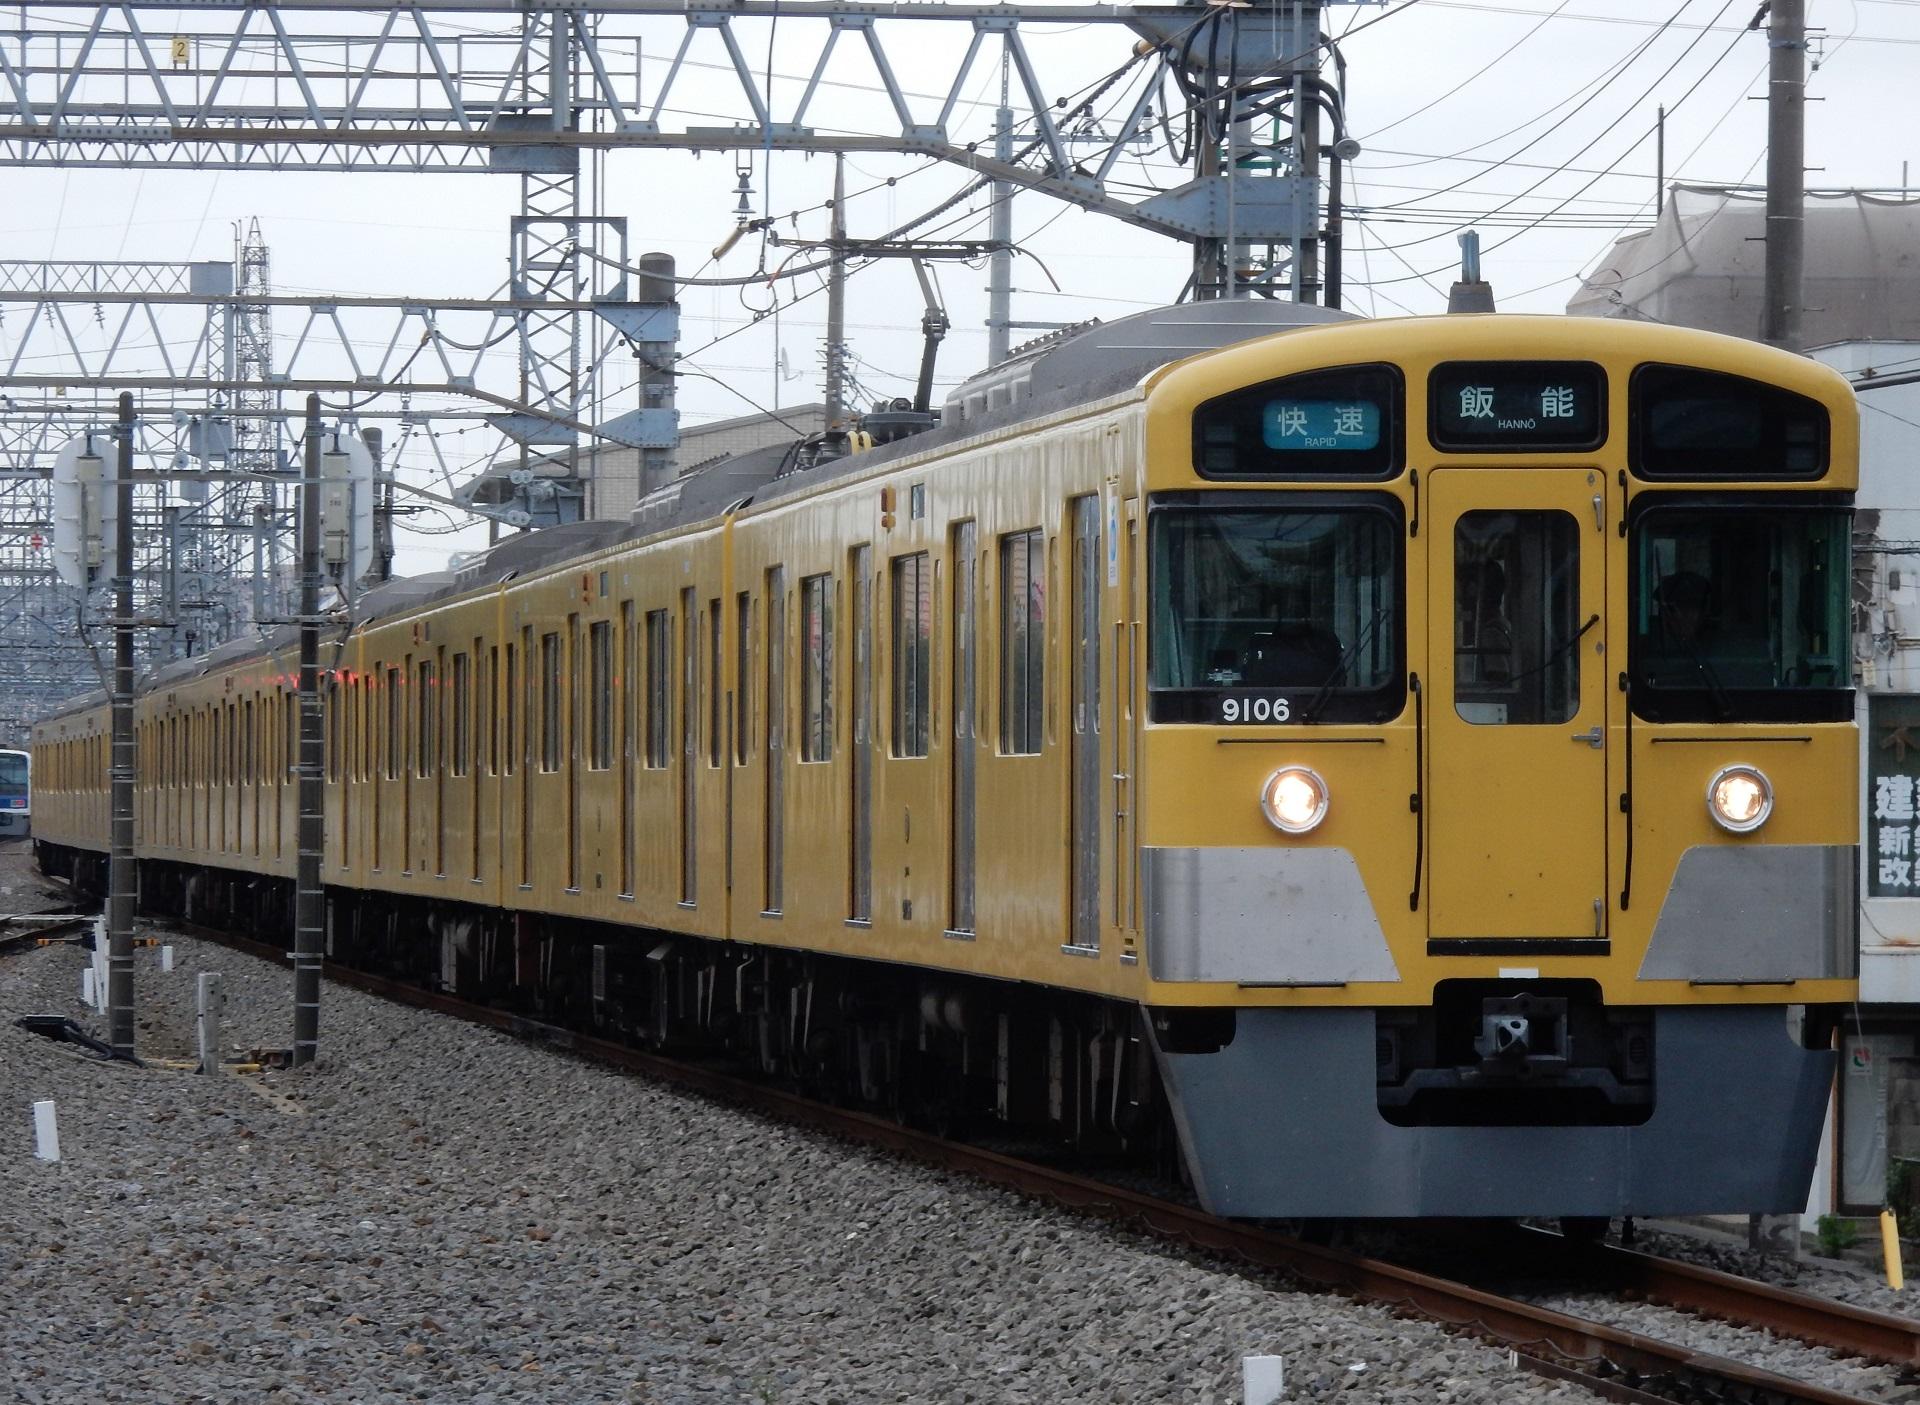 DSCN2635 - コピー